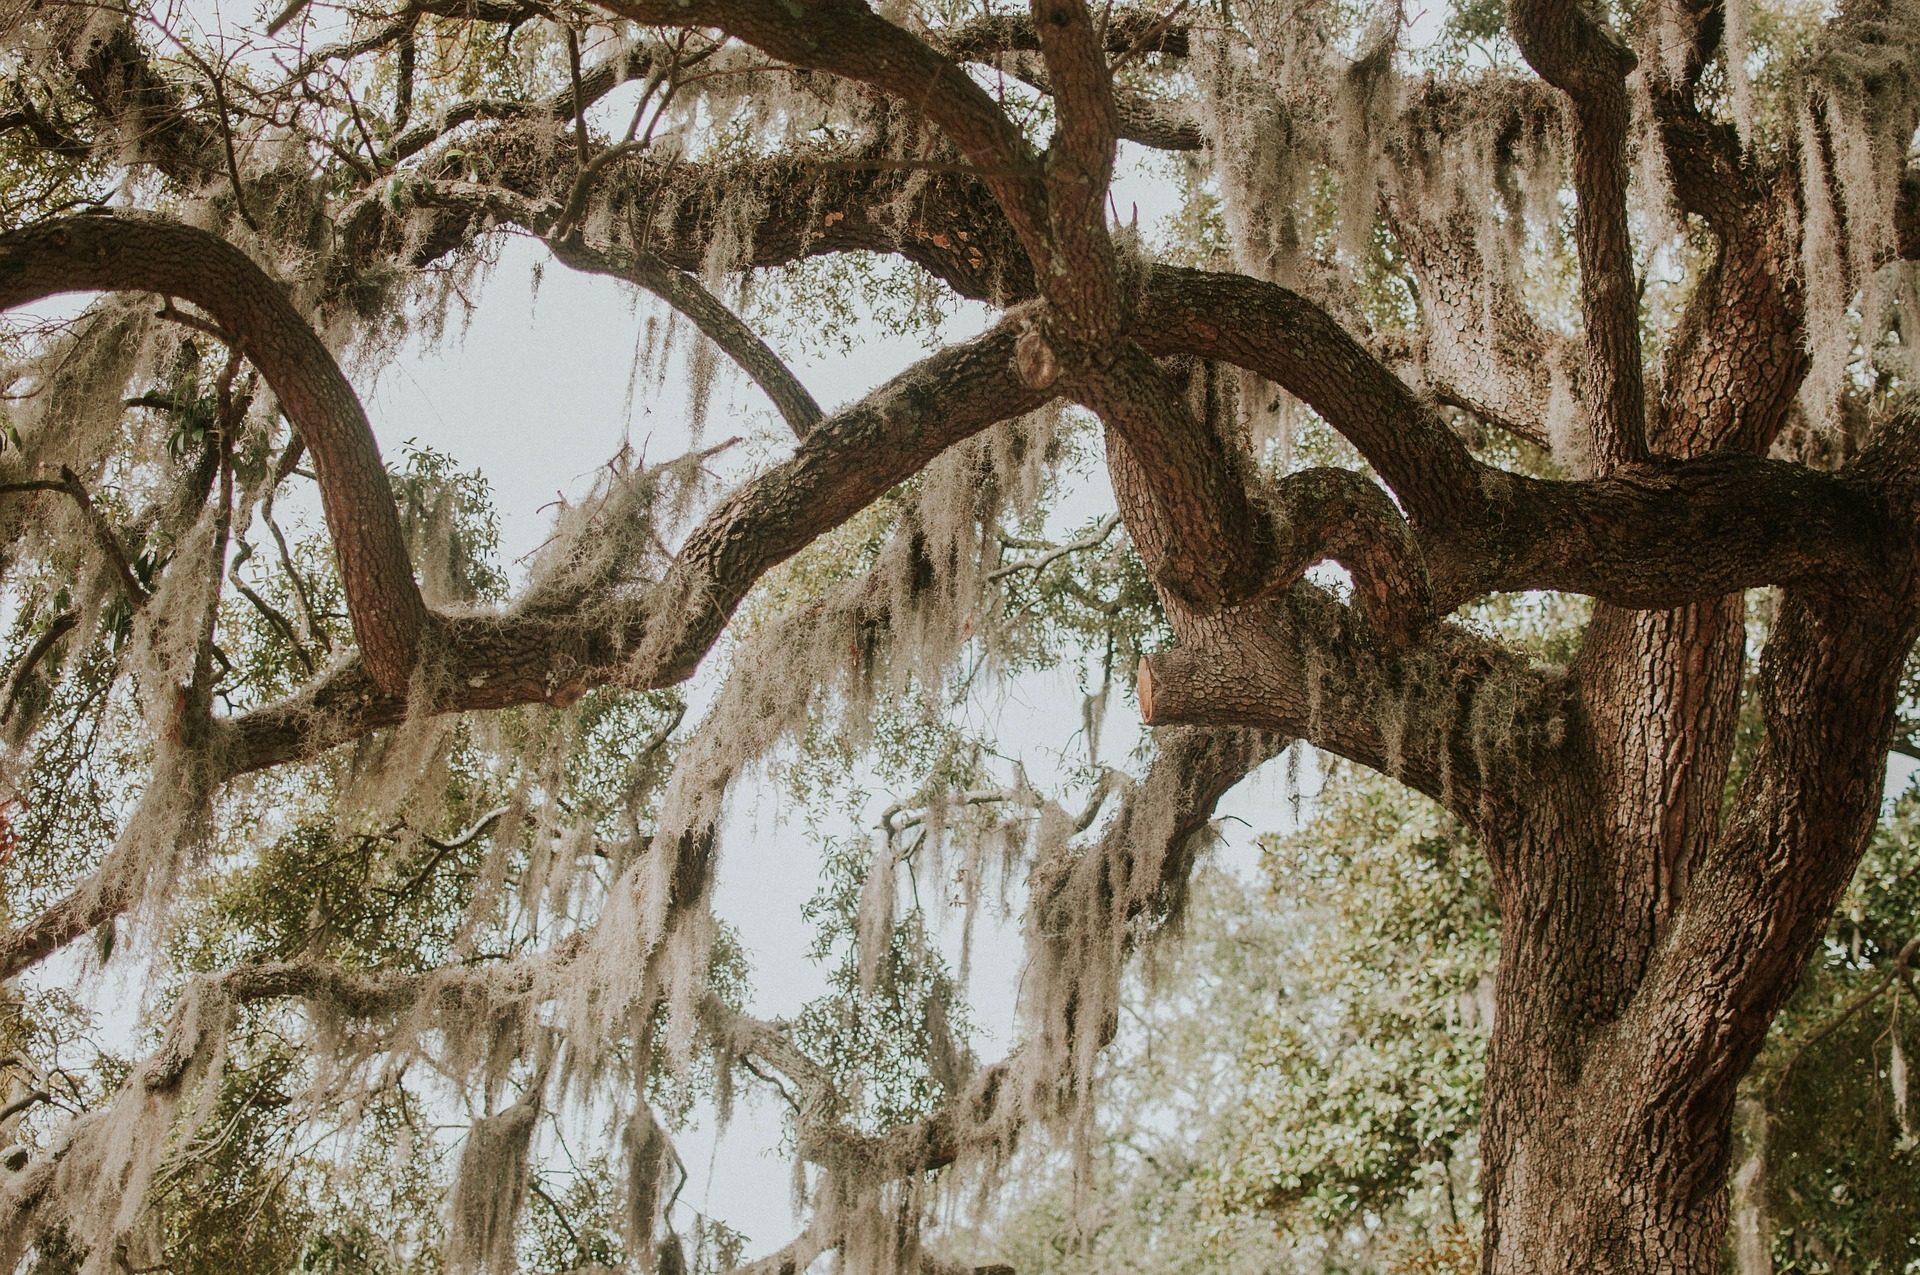 дерево, филиалы, растения, мхи, лес - Обои HD - Профессор falken.com